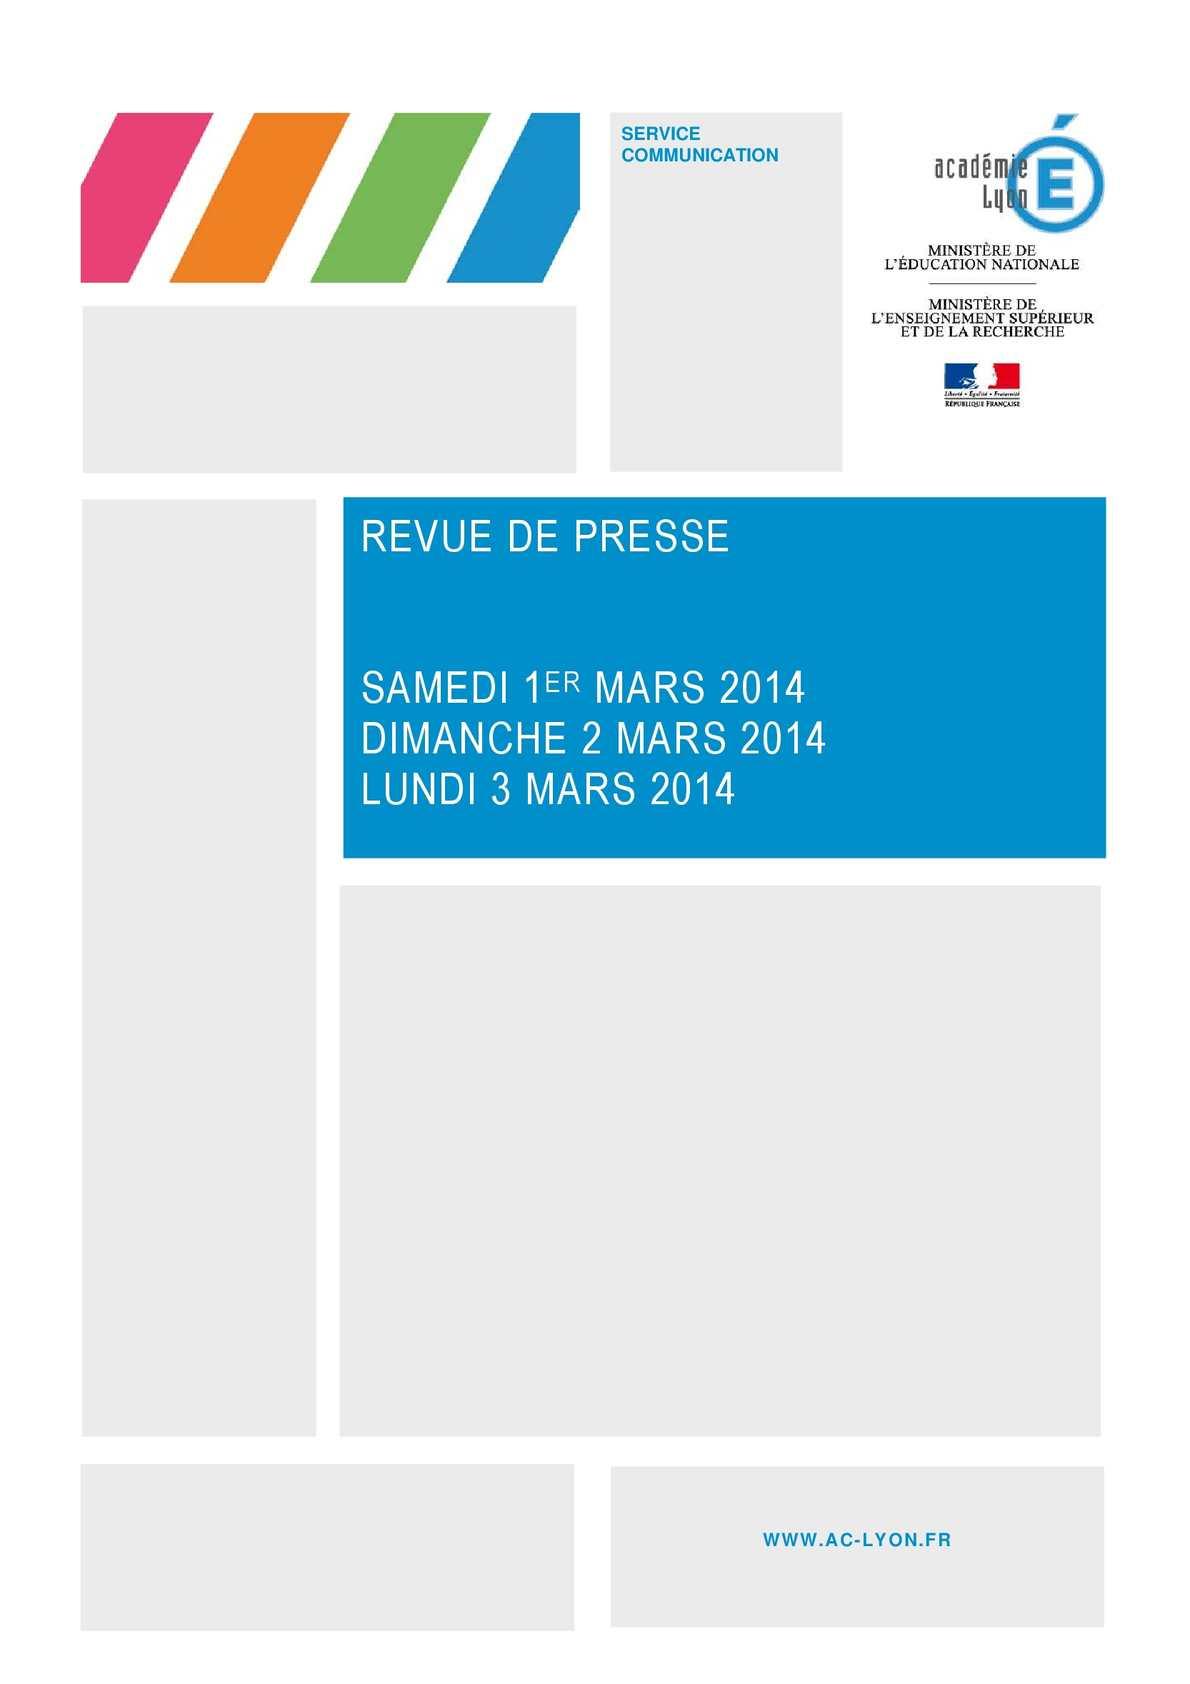 Calam o revue de presse 3 mars 2014 for Revue de www houseplans com